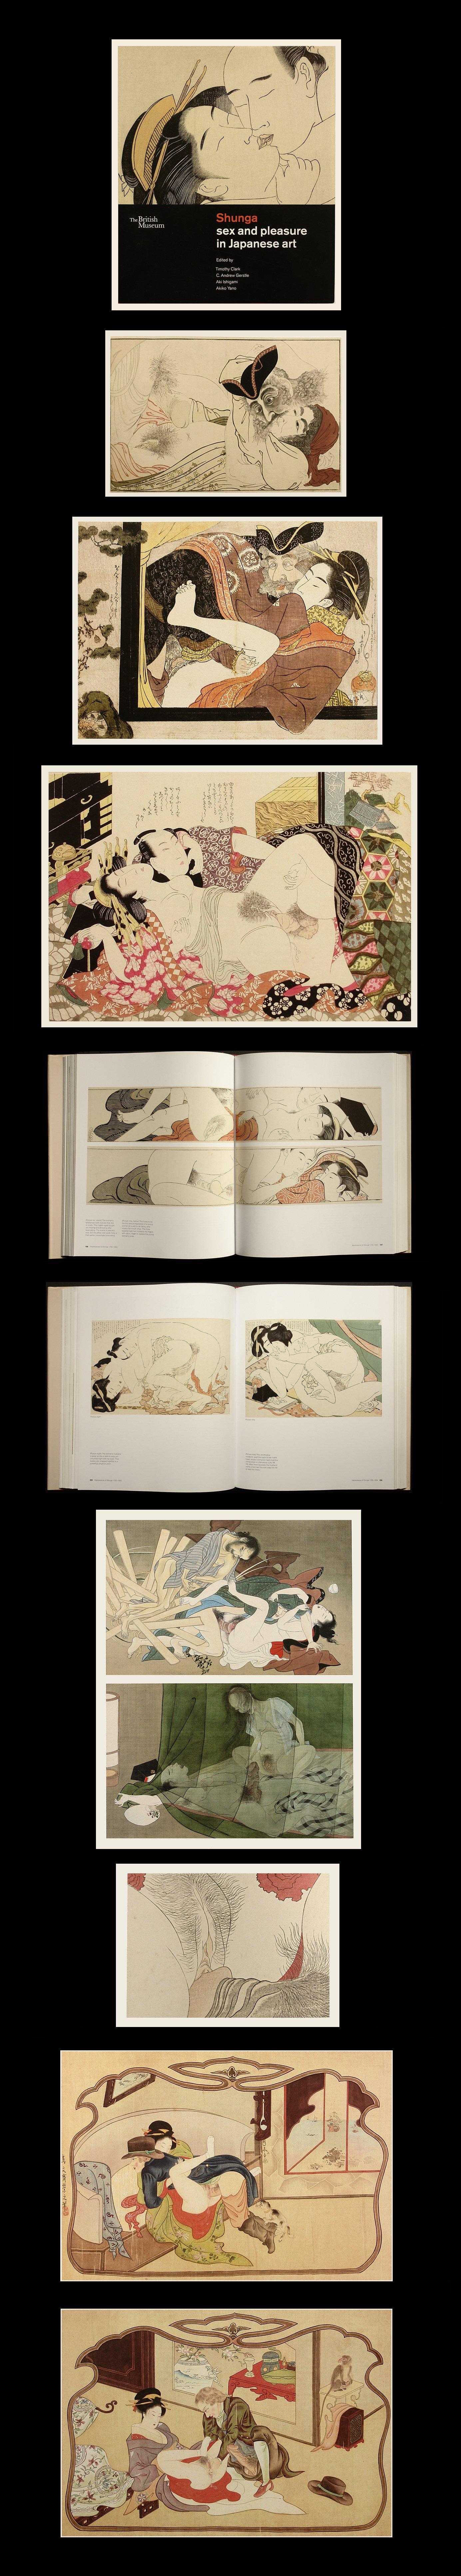 katalog japanesse sex